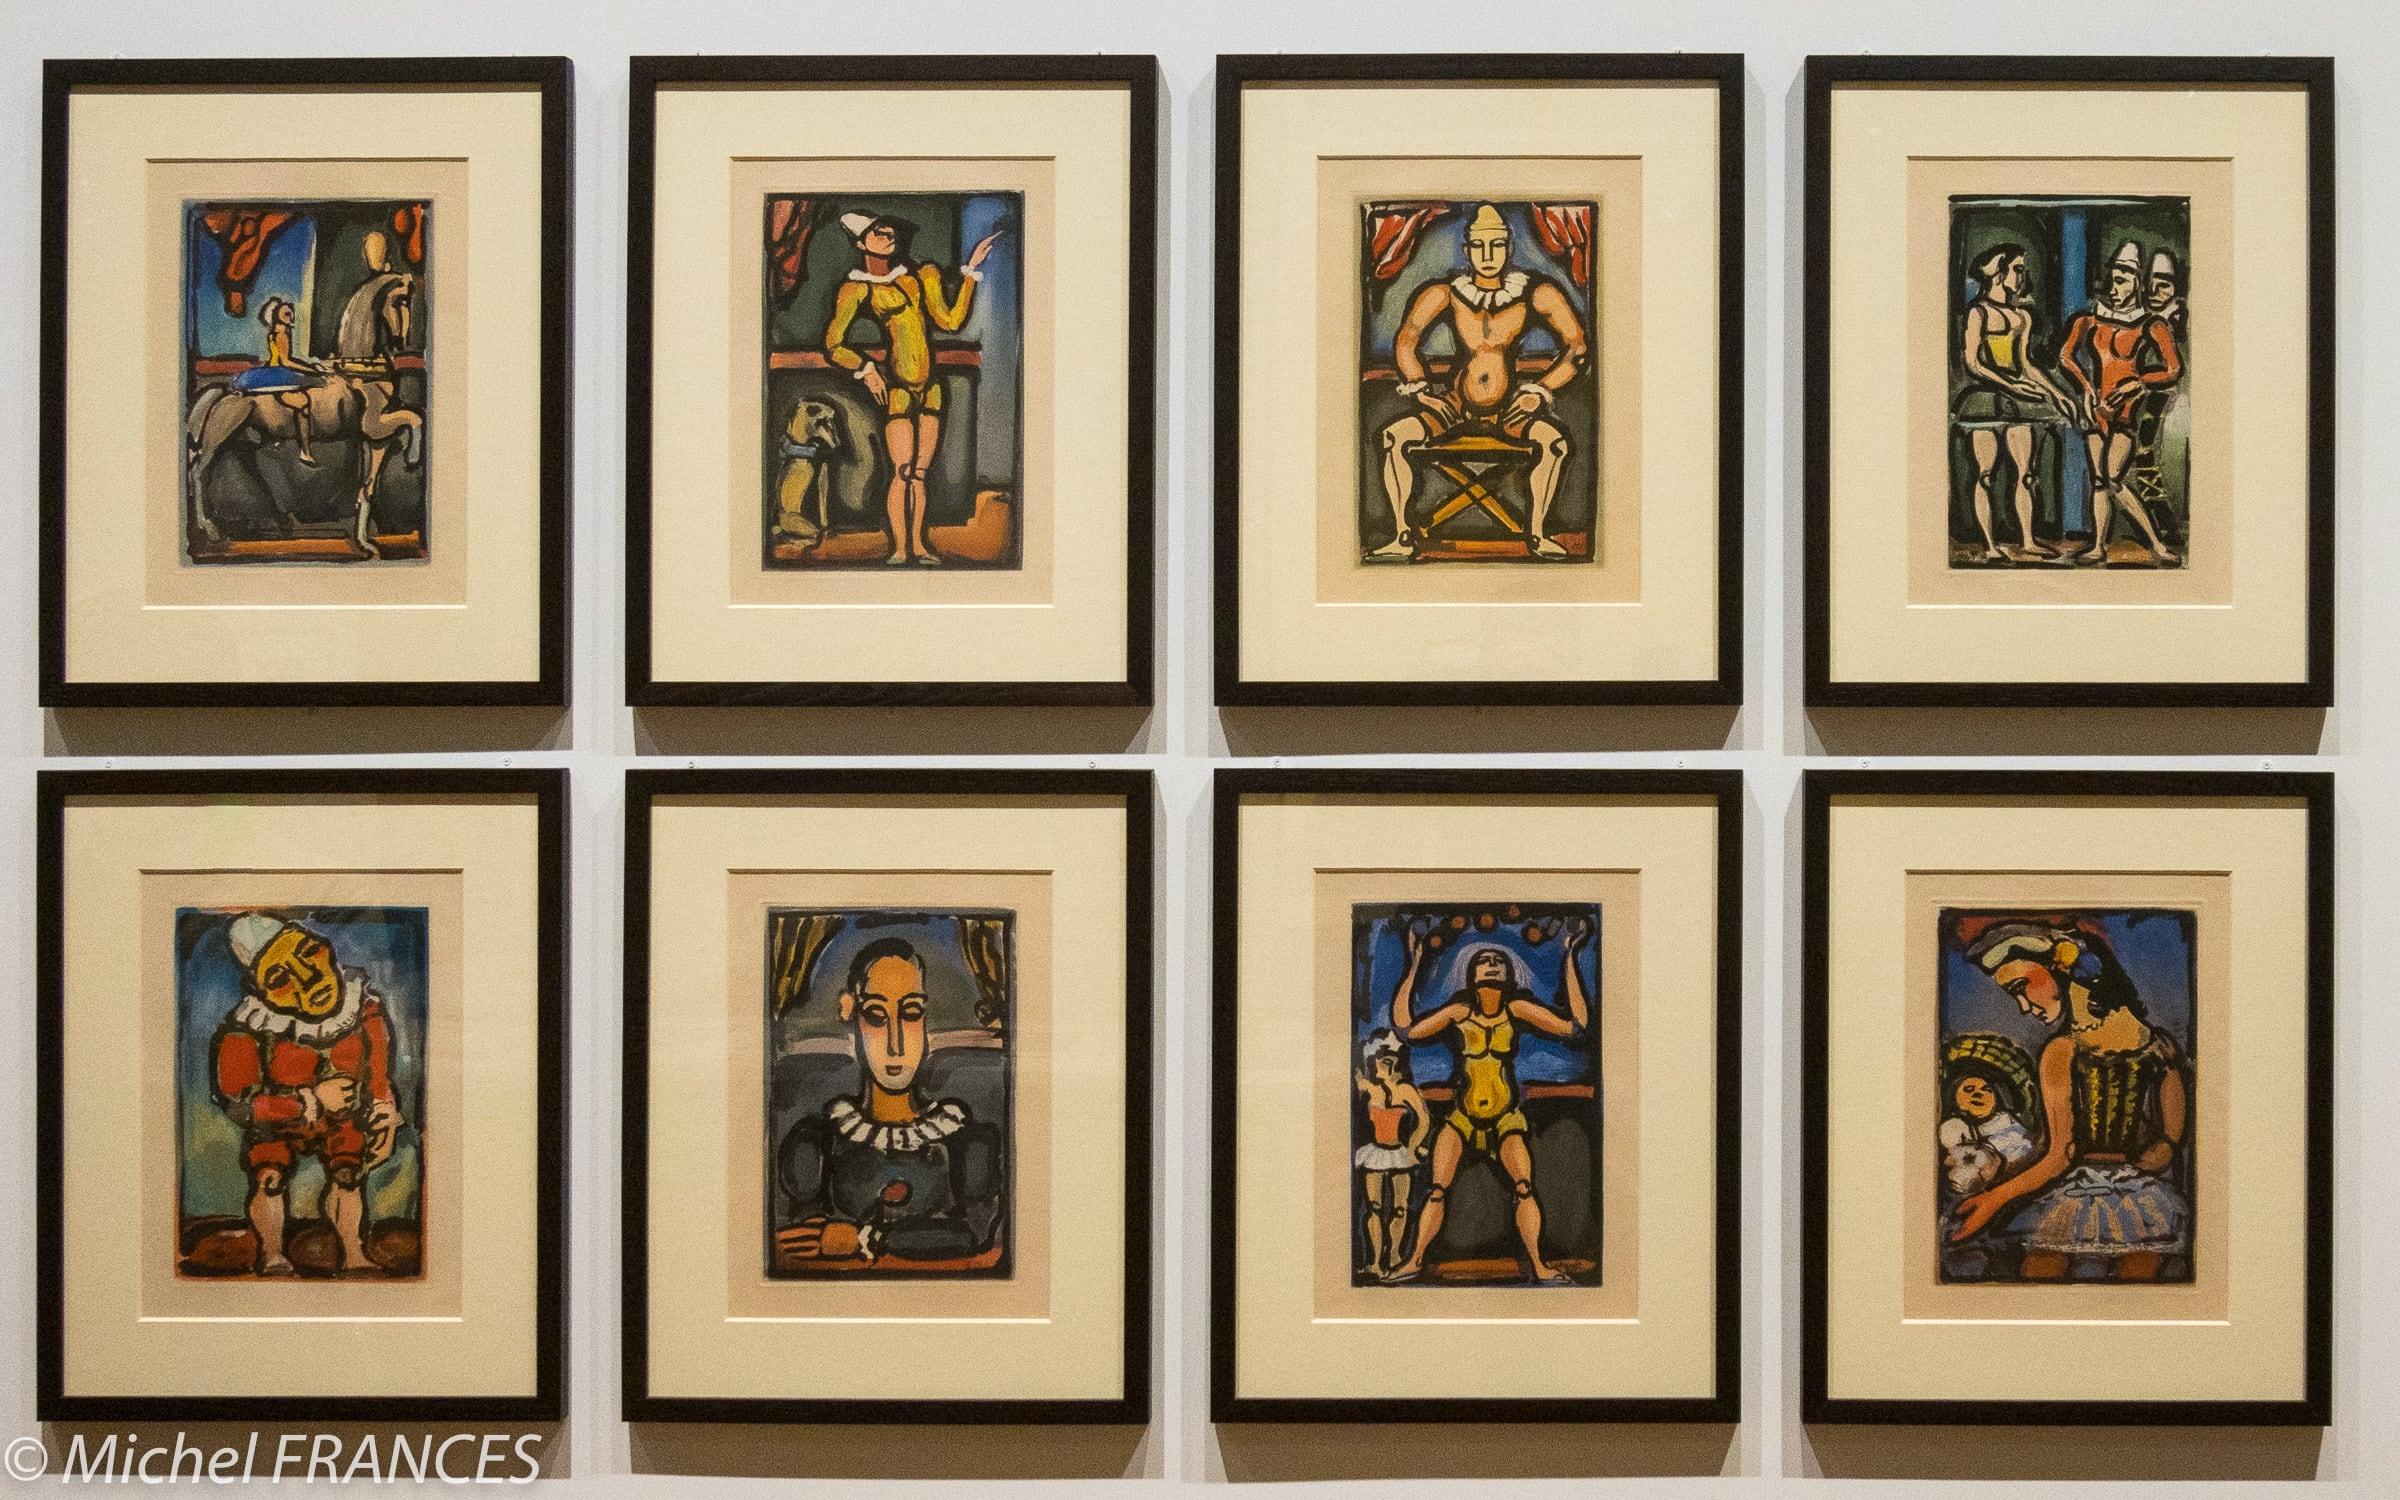 Exposition Édition Limitée Vollard, Petiet et l'estampe de maîtres – Georges Rouault – Hors-textes extraits de Cirque de l'étoile filante – 1935